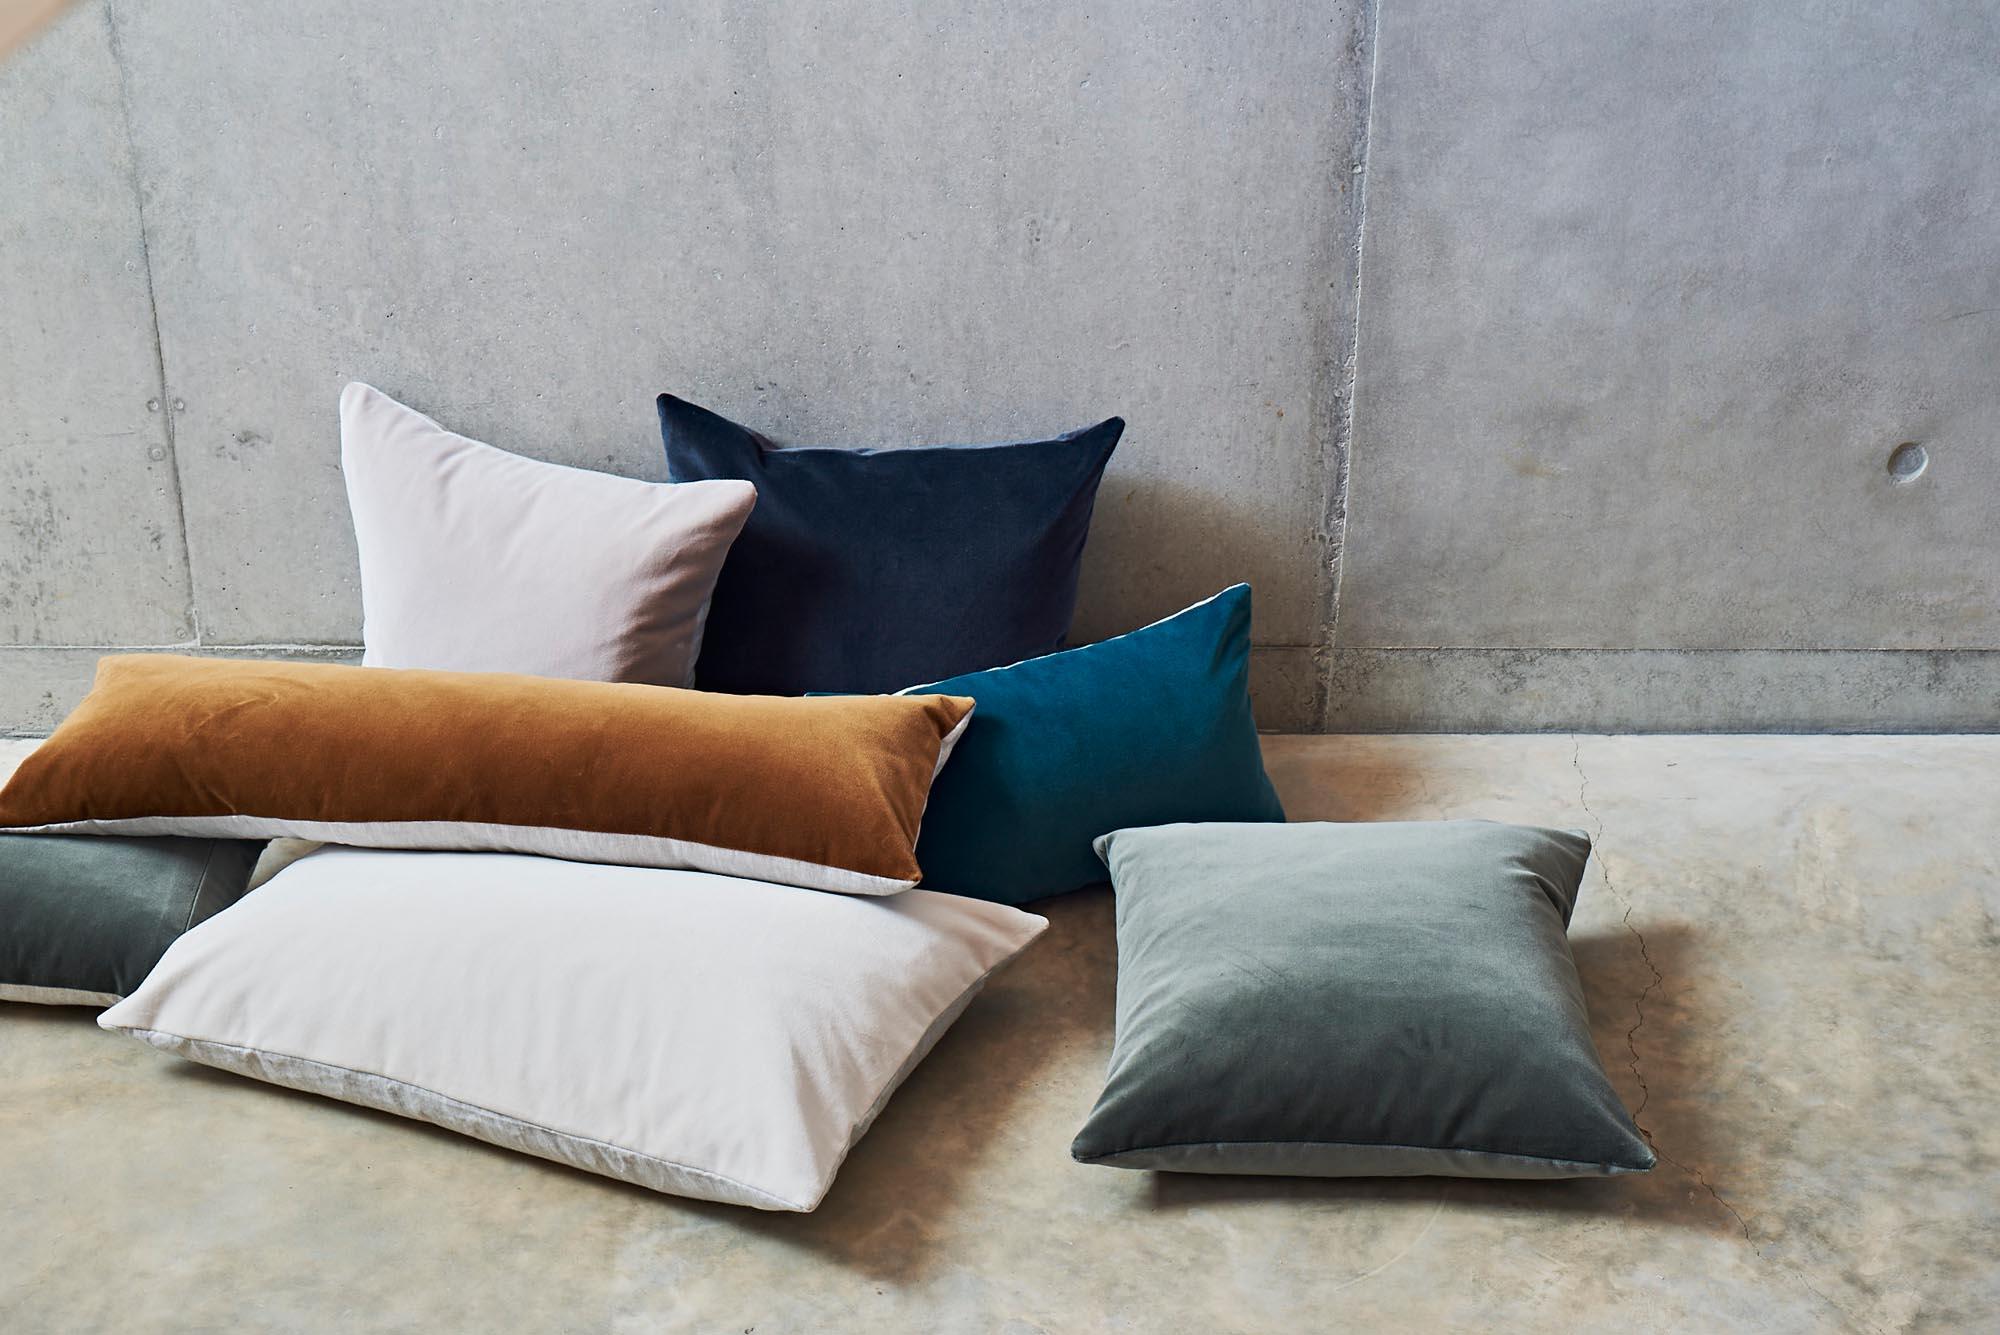 42. 180417_Romo_Fabric_ForenzaShot06_Cushions_Landscape.jpg